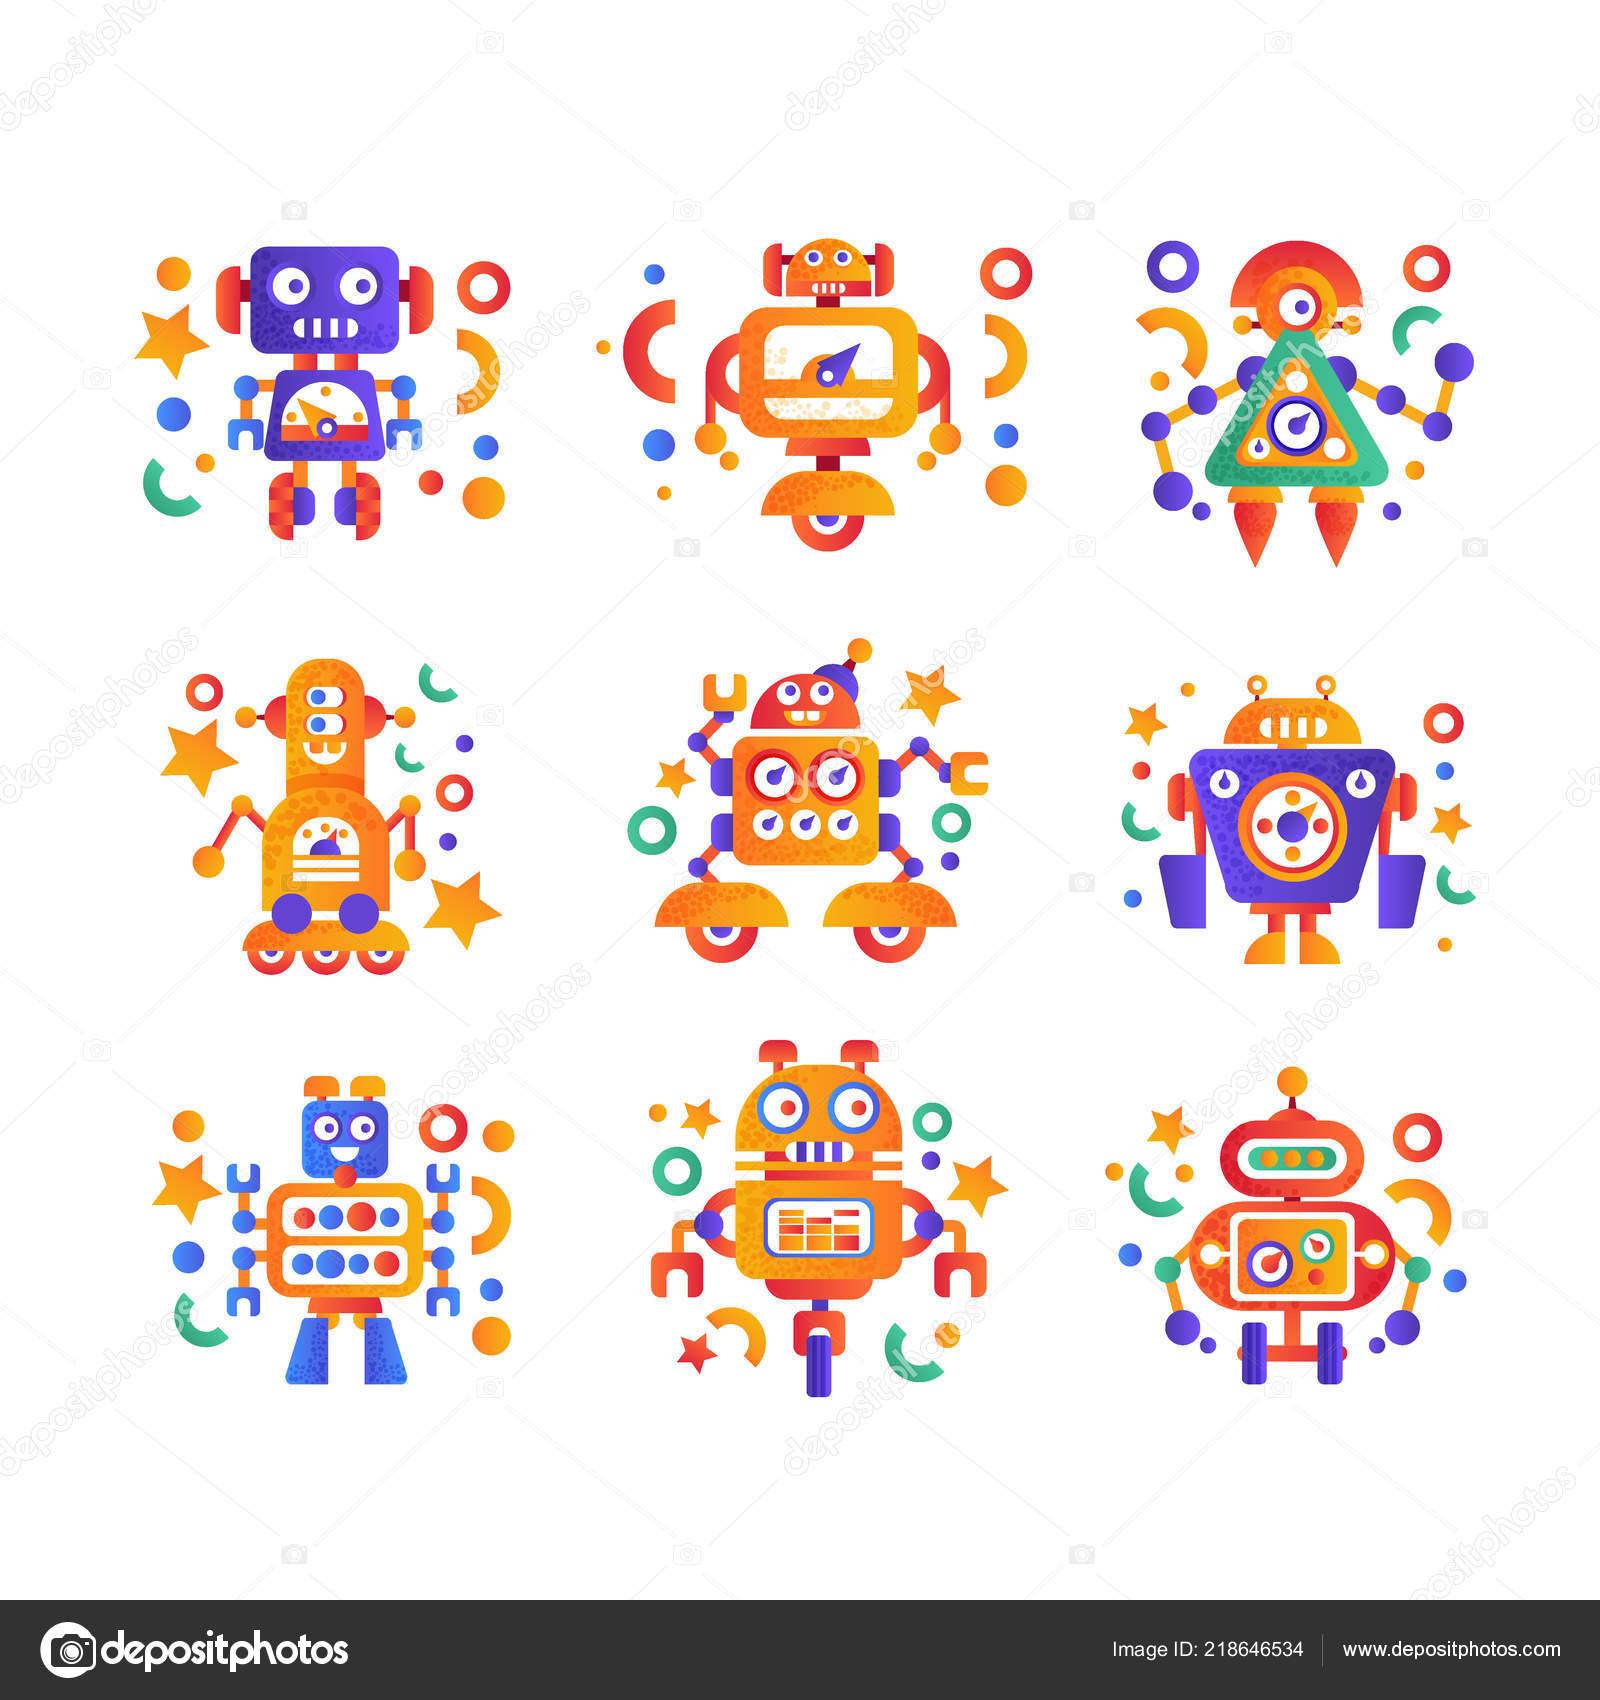 Cute Funny Robots Set Android Characters Artificial Robotics